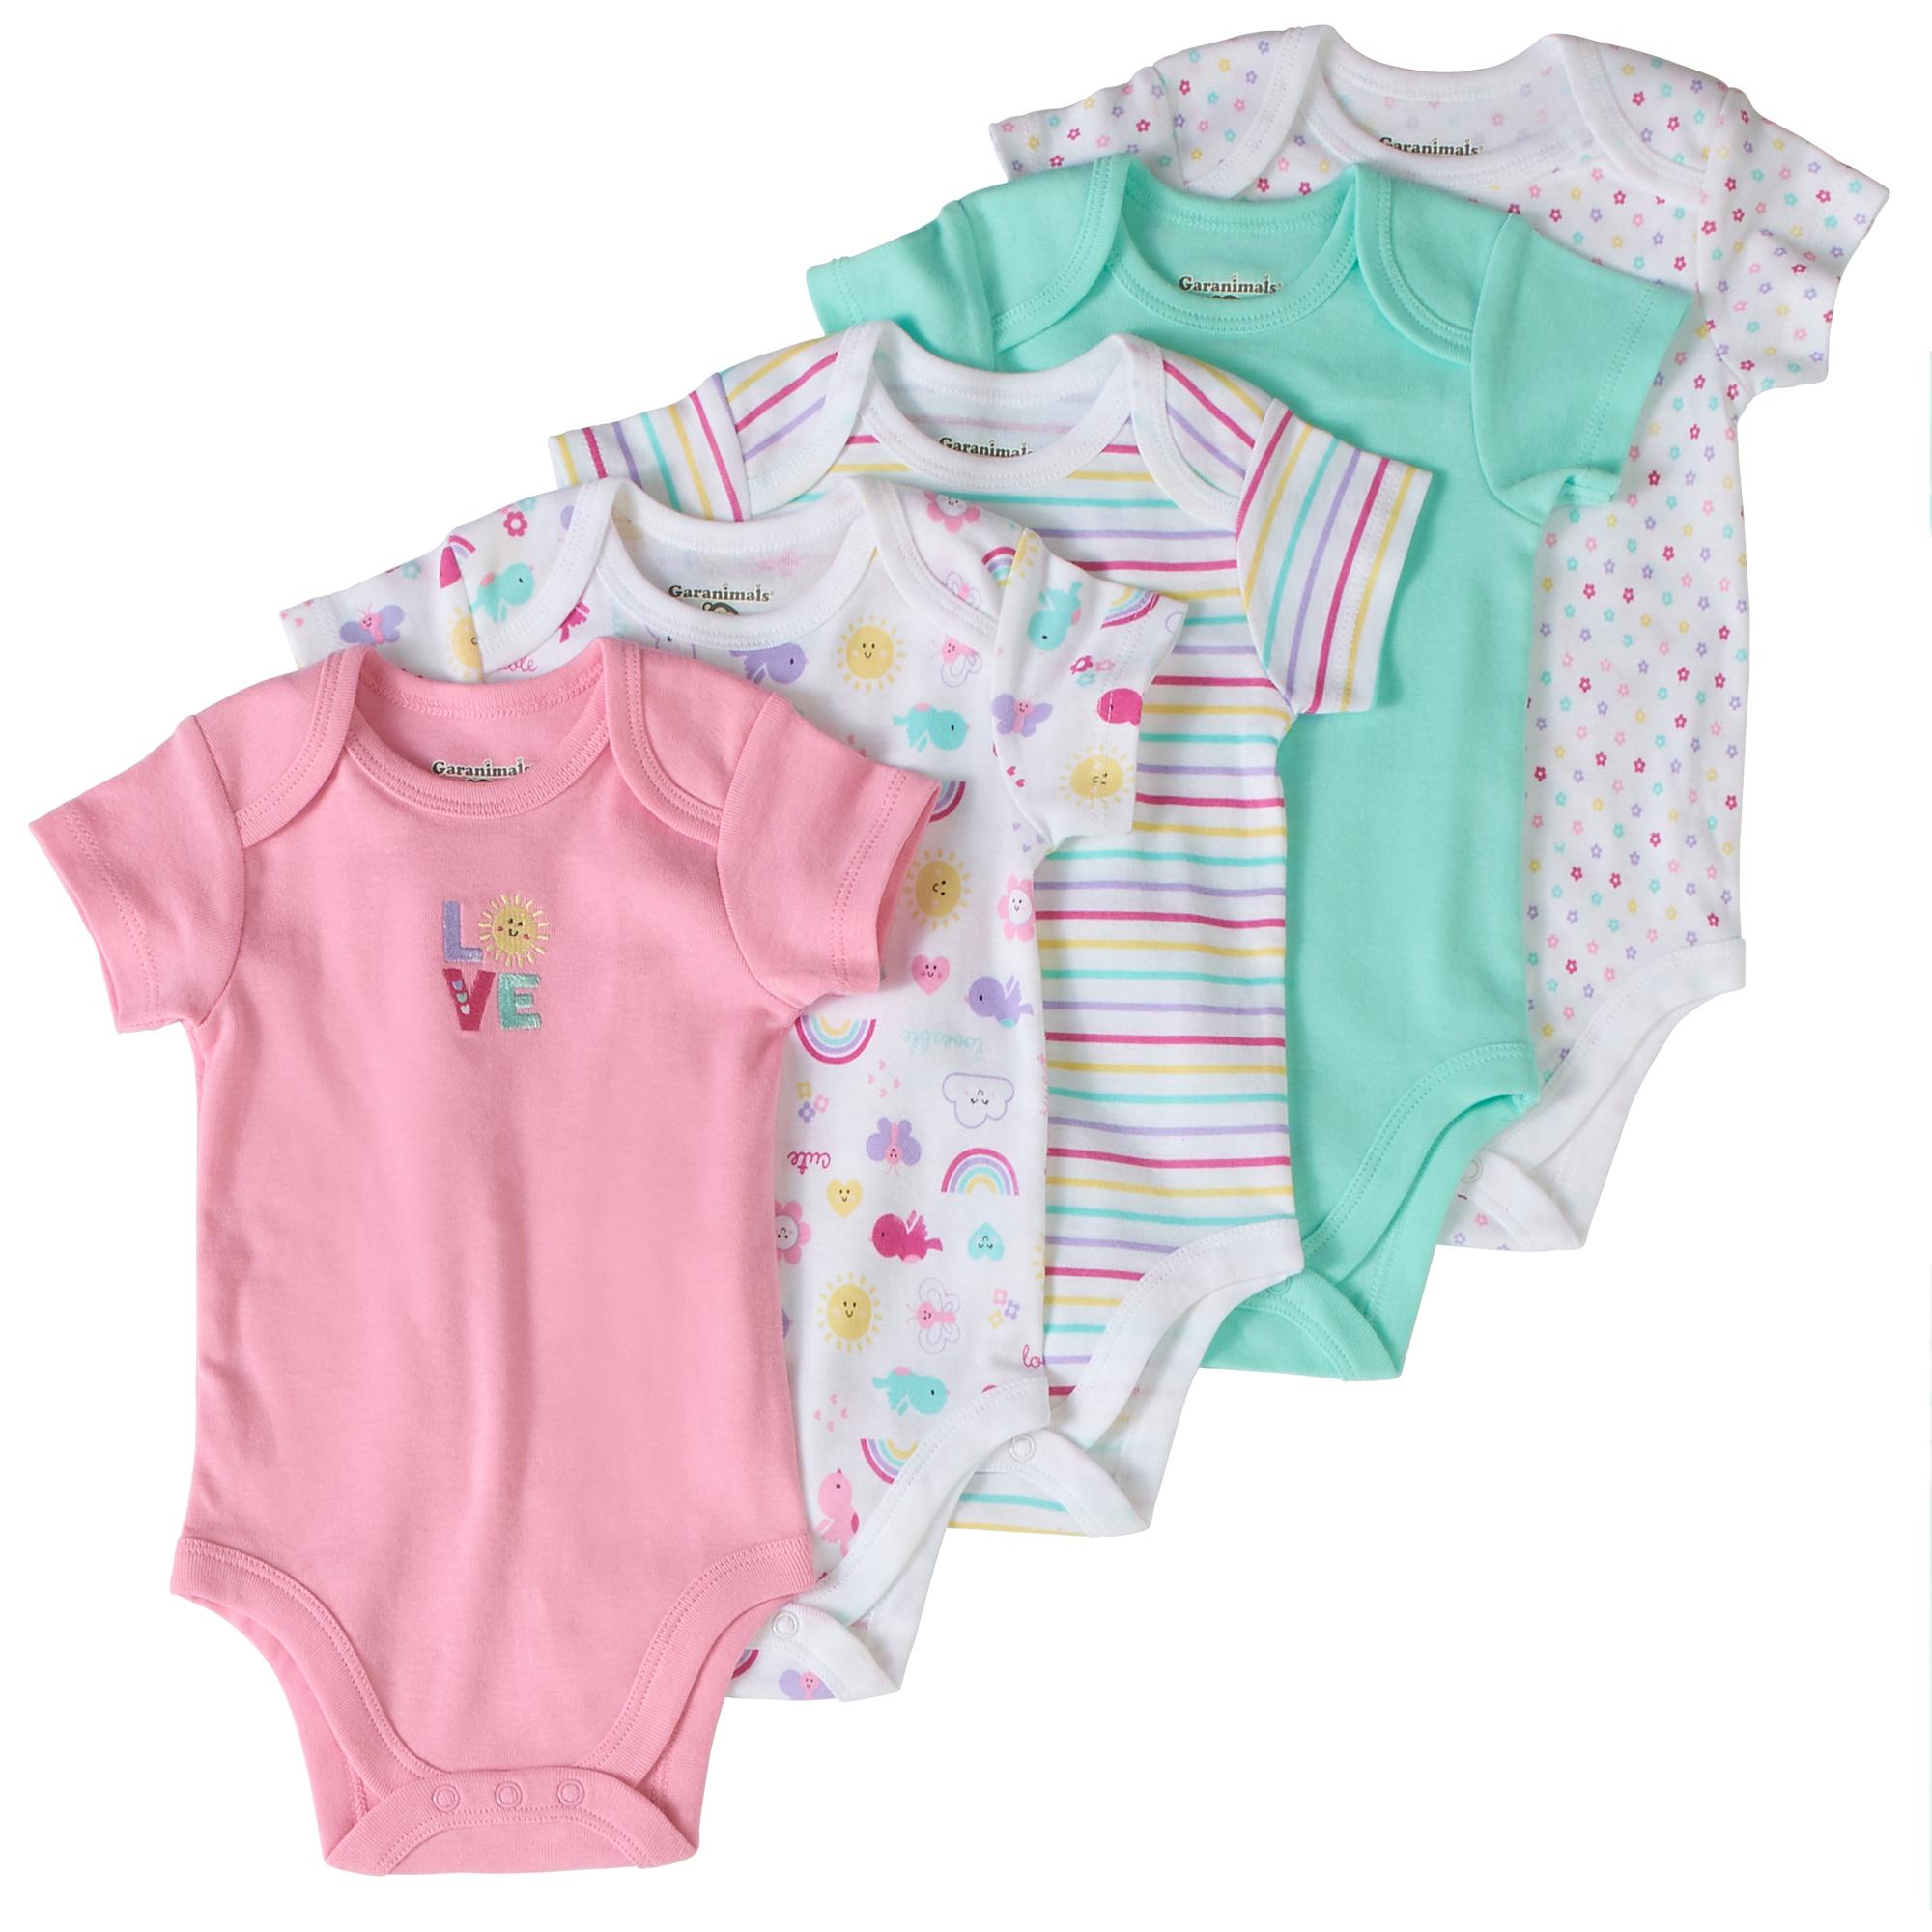 Newborn Baby Girl 20 Piece Layette Baby Shower Gift Set Walmart